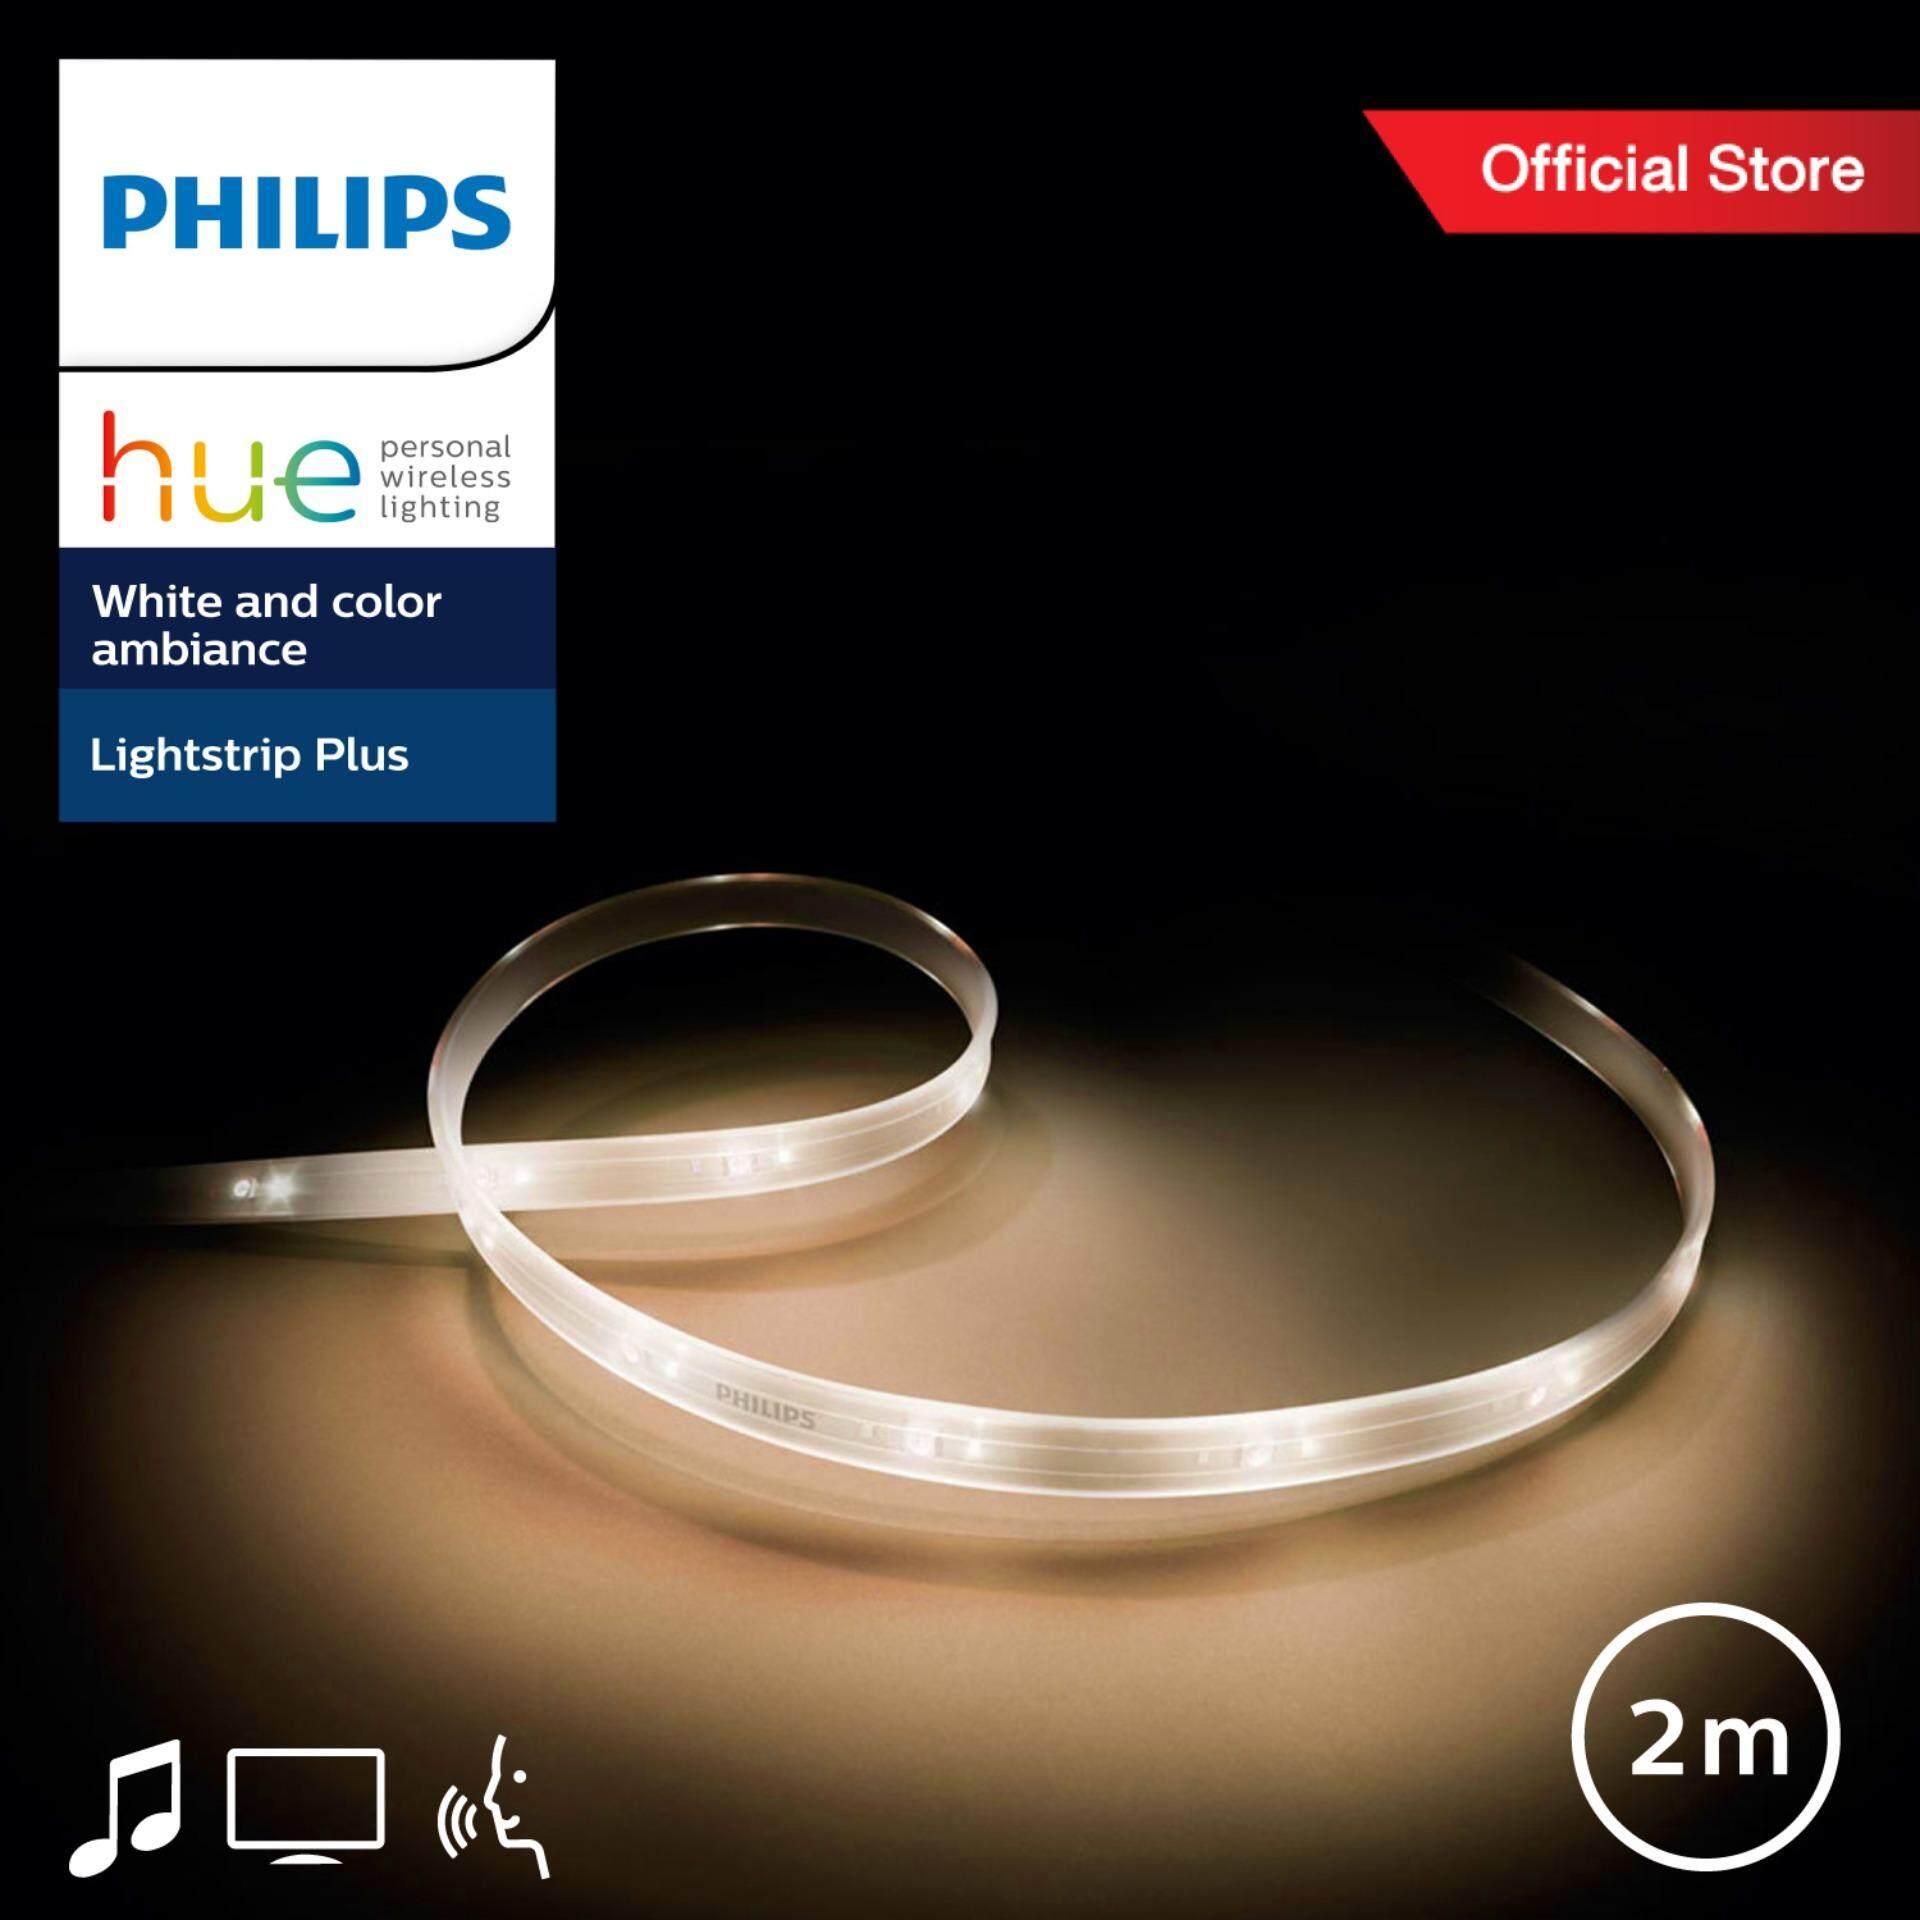 ซื้อ Philips Hue Lightstrip Plus ไฟเส้นเปลี่ยนสีอัจฉริยะ ชุดเริ่มต้นยาว 2 เมตร กรุงเทพมหานคร